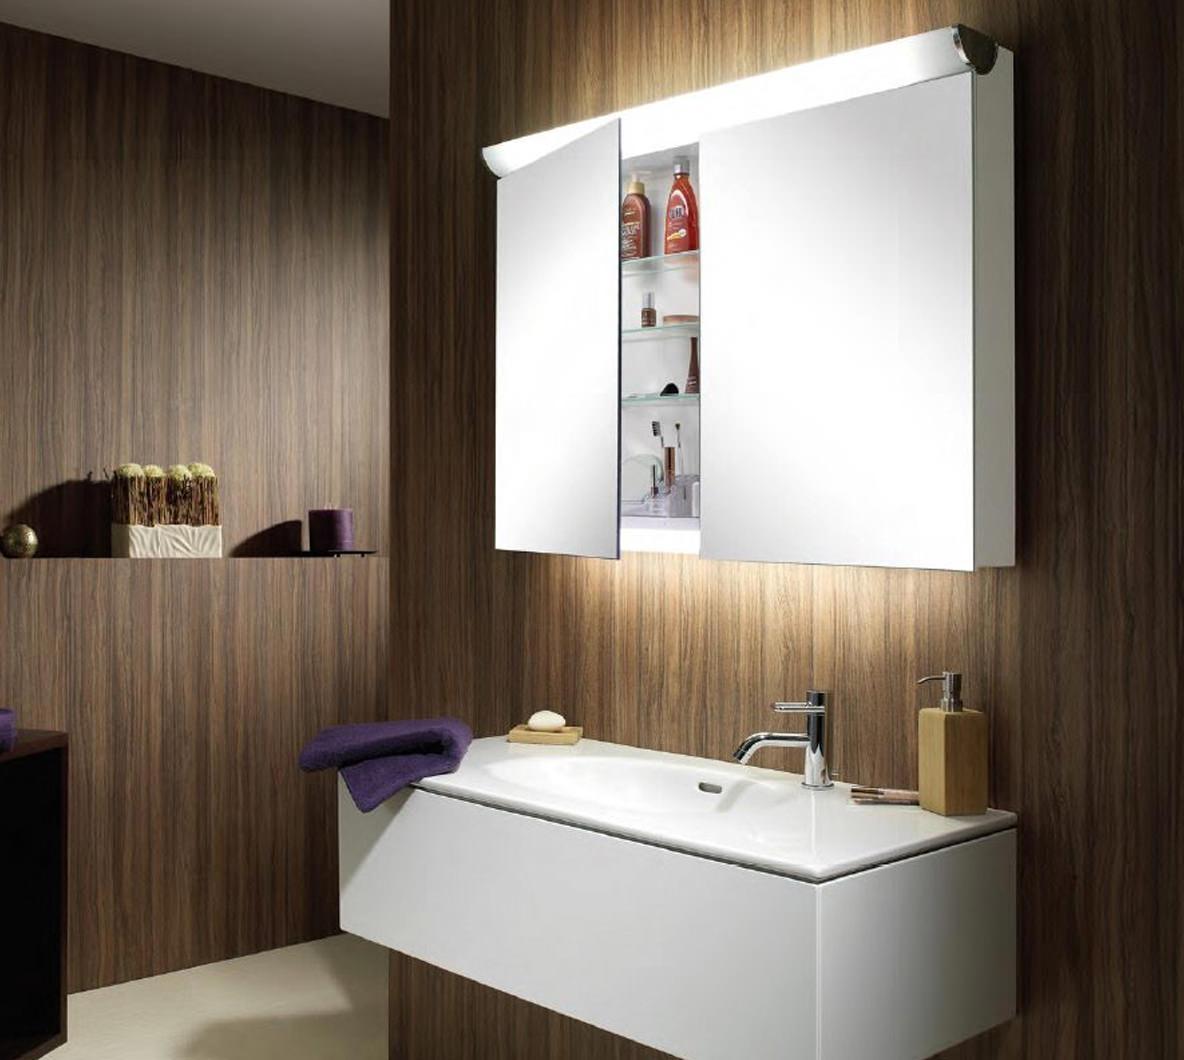 Schneider faceline 2 door illuminated mirror cabinet 1200mm for Bathroom cabinets 1200mm wide